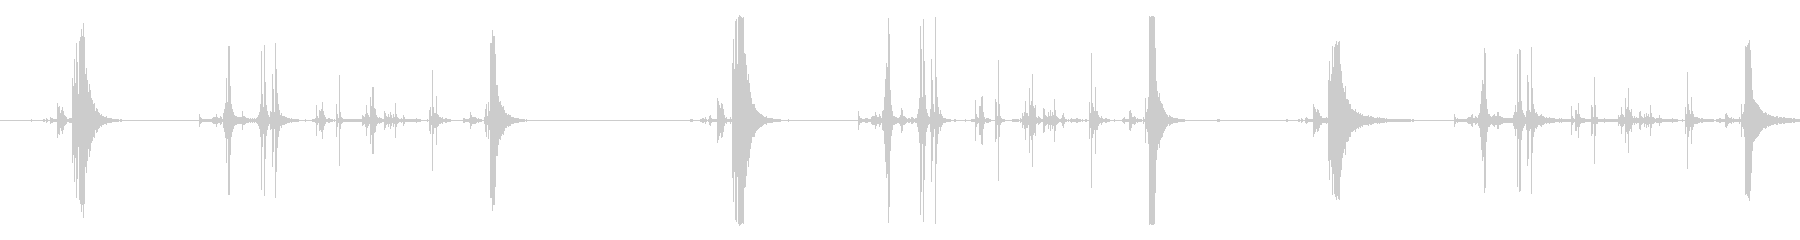 クリンクス、メタリック、3部屋。 ...の未再生の波形